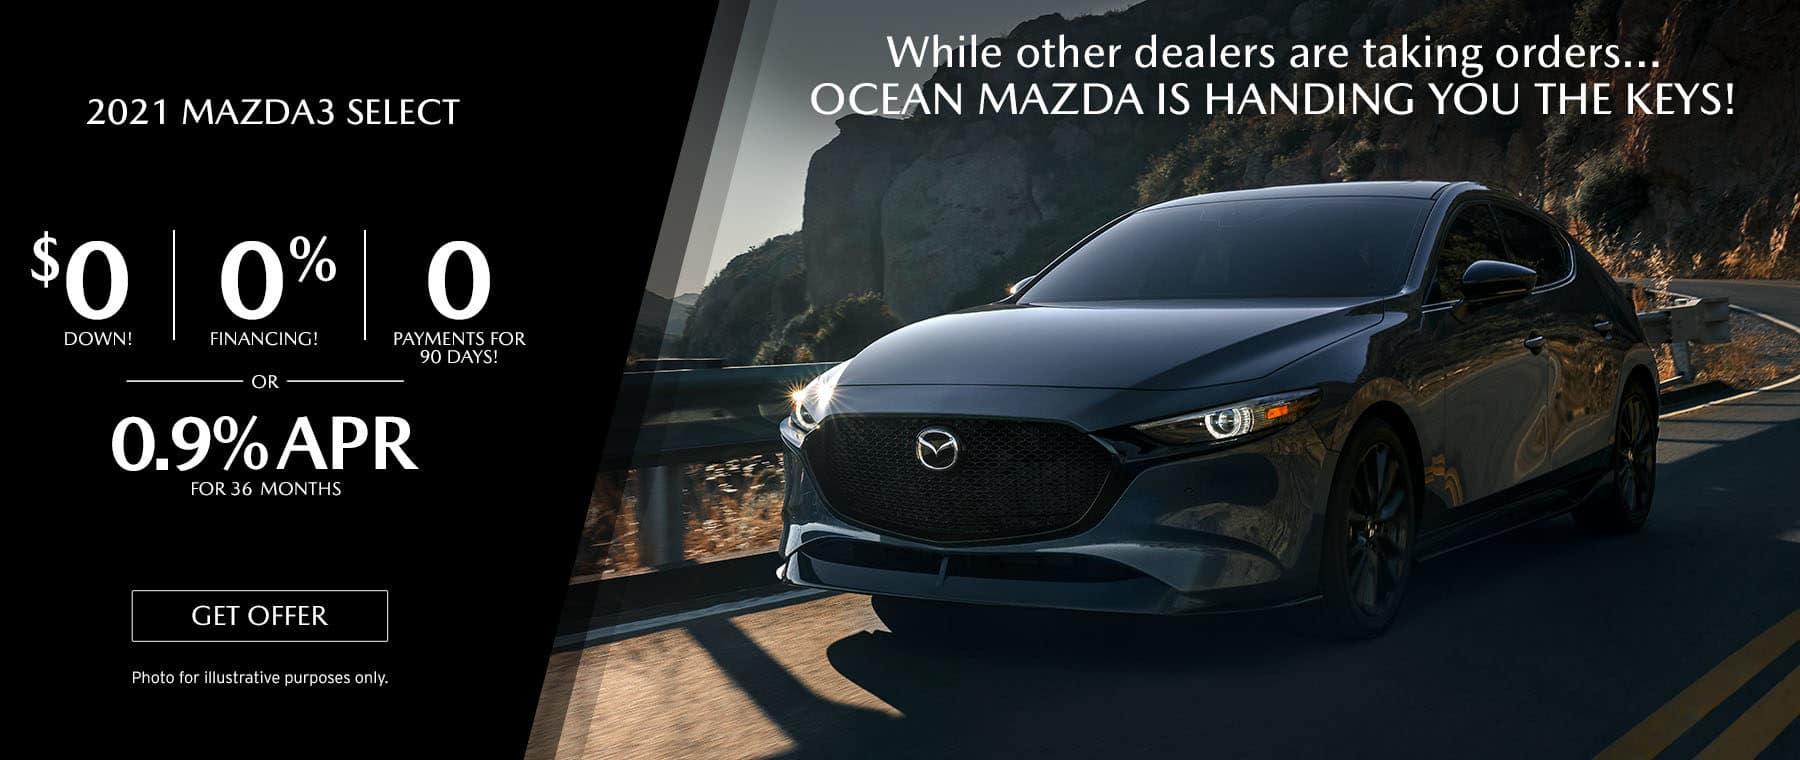 OceanMazda_Slide_1800x760_Mazda3_10-21